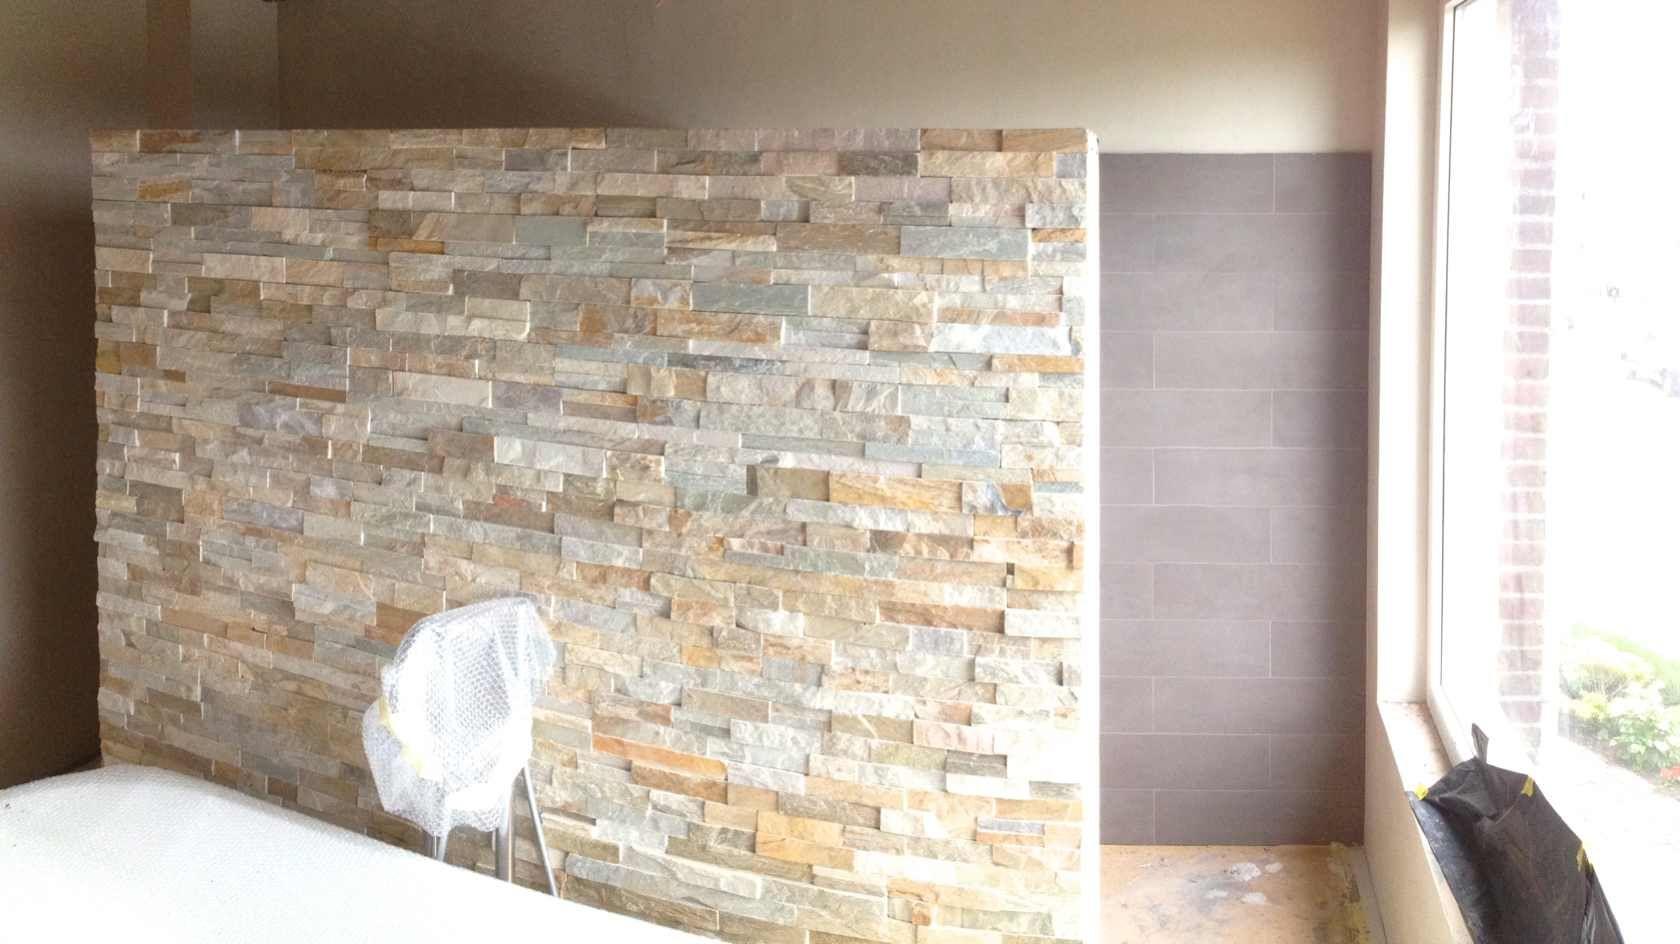 Beton Stucwerk Badkamer : Beton ciré badkamer gespecialiseerd in beton ciré en stucwerk